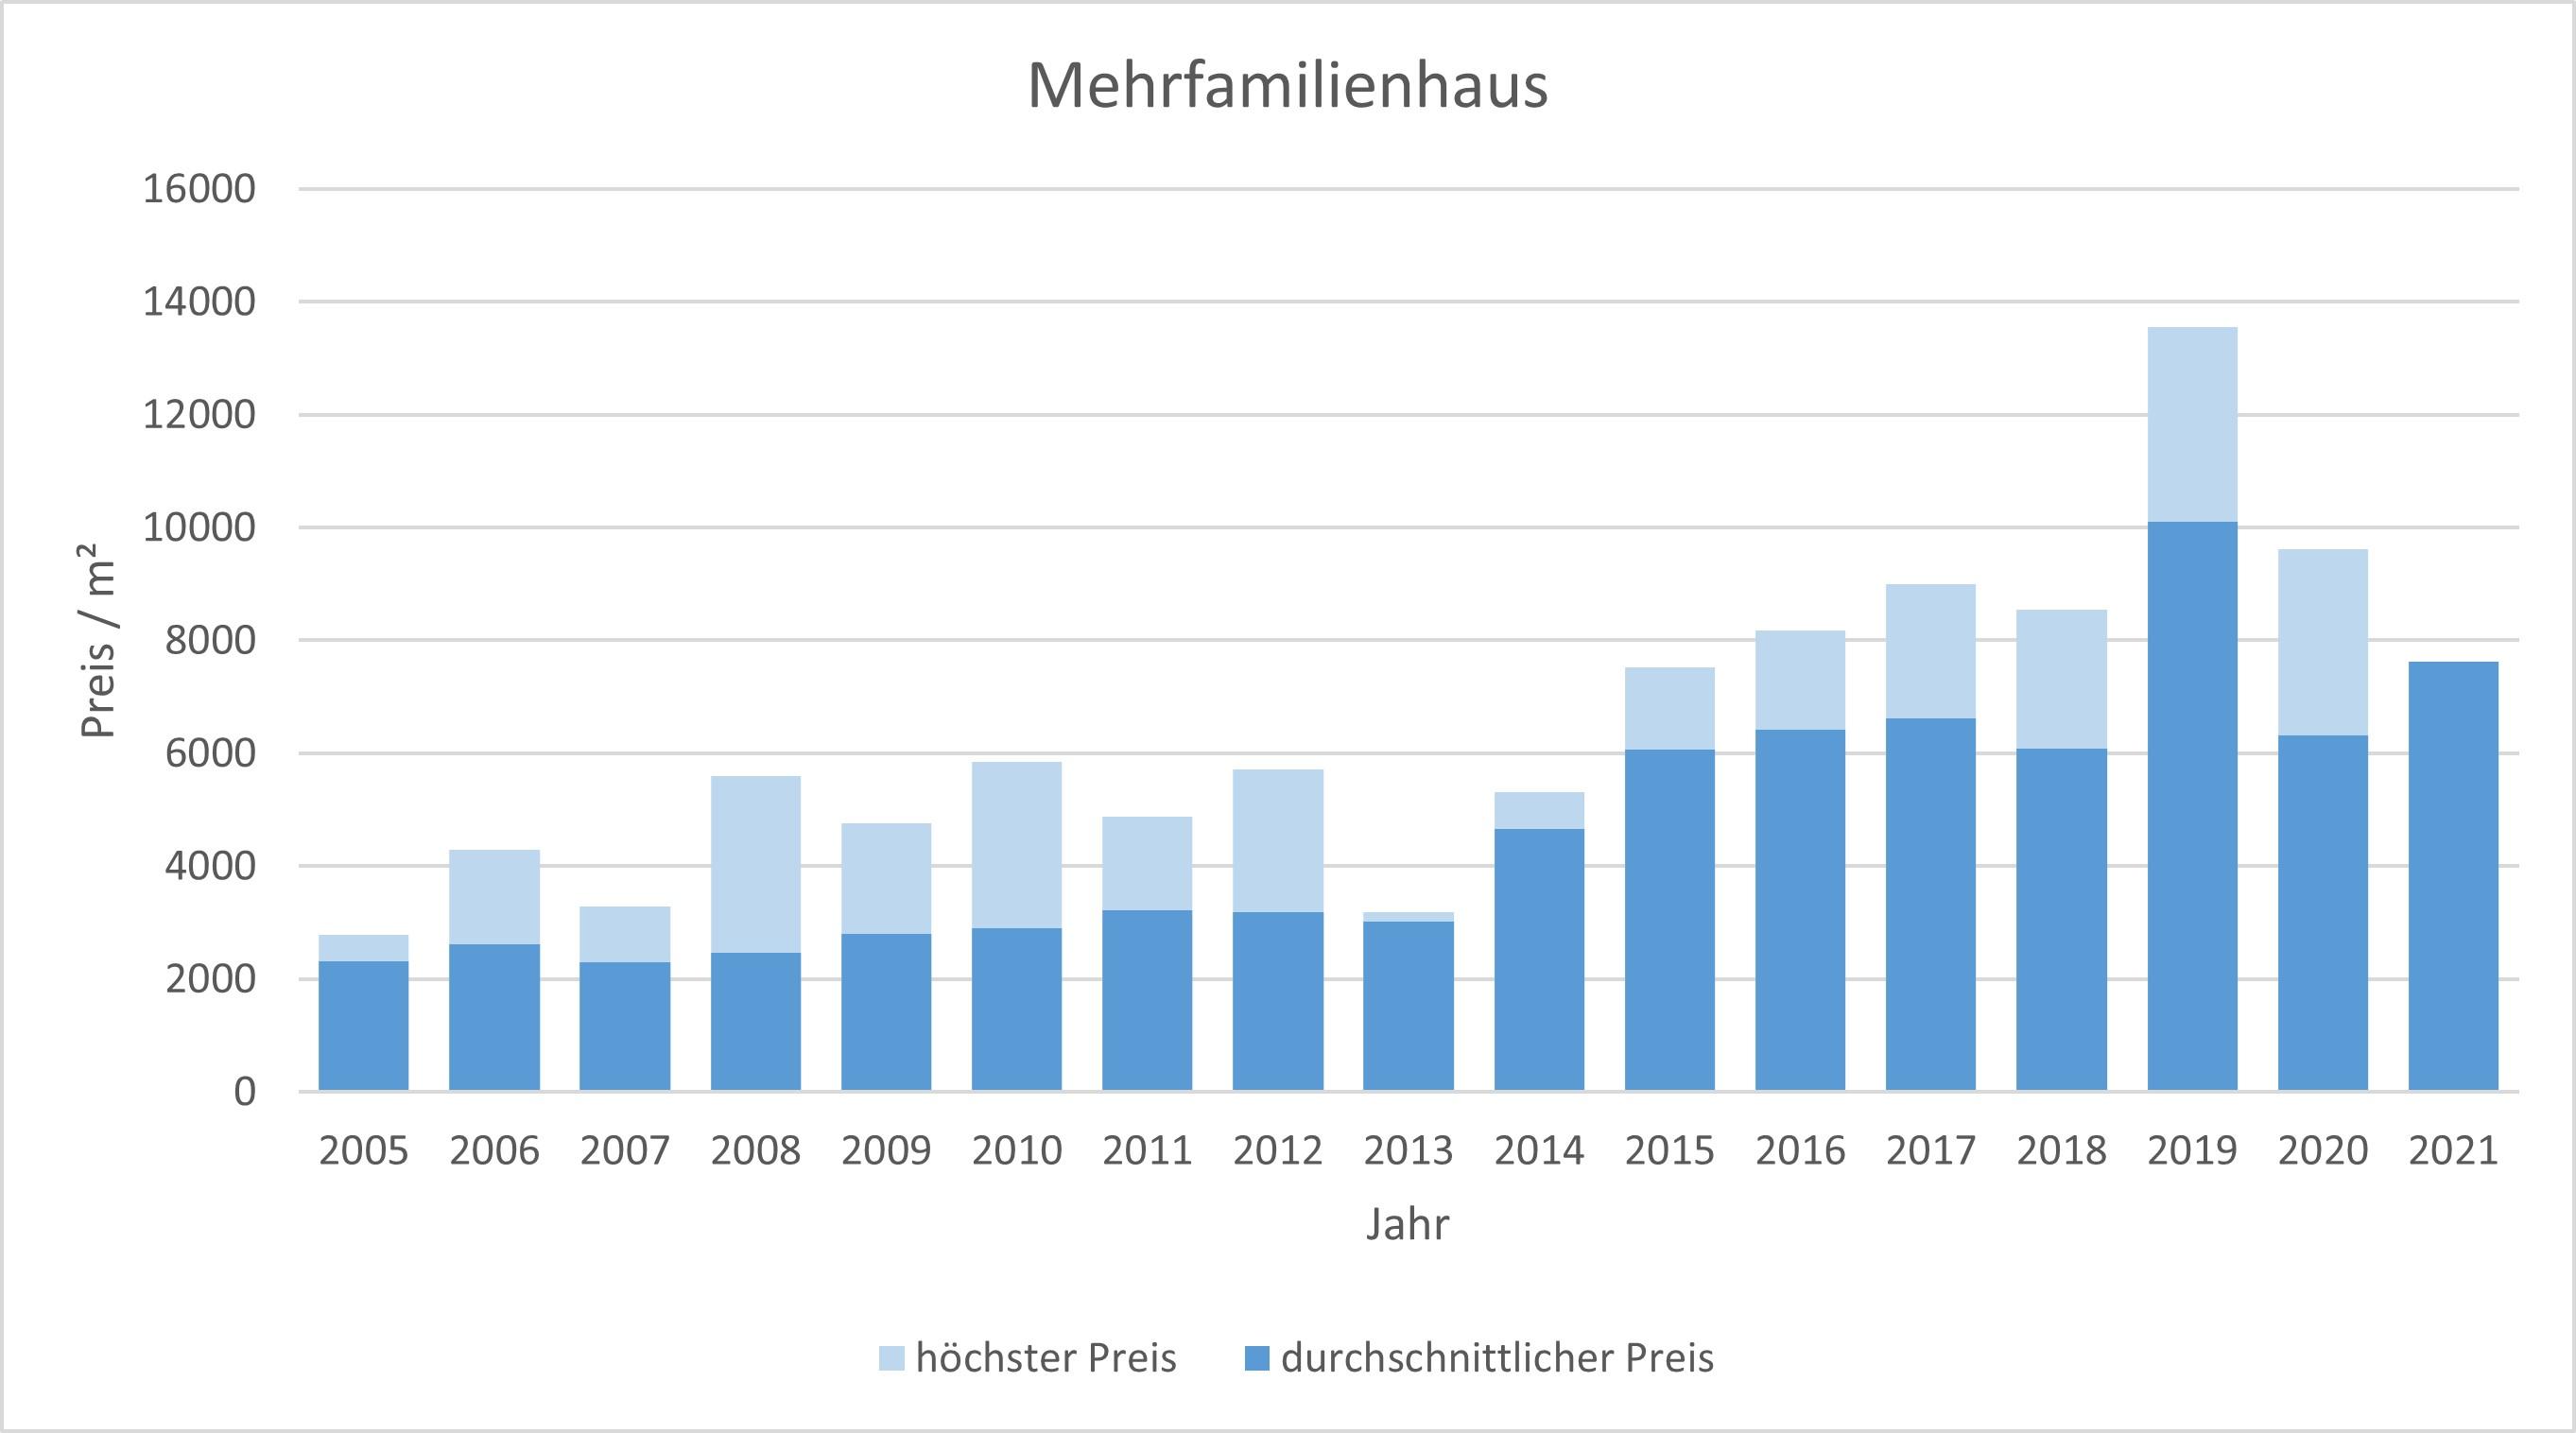 Ottobrunn Mehrfamilienhaus kaufen verkaufen Preis Bewertung Makler www.happy-immo.de 2019 2020 2021